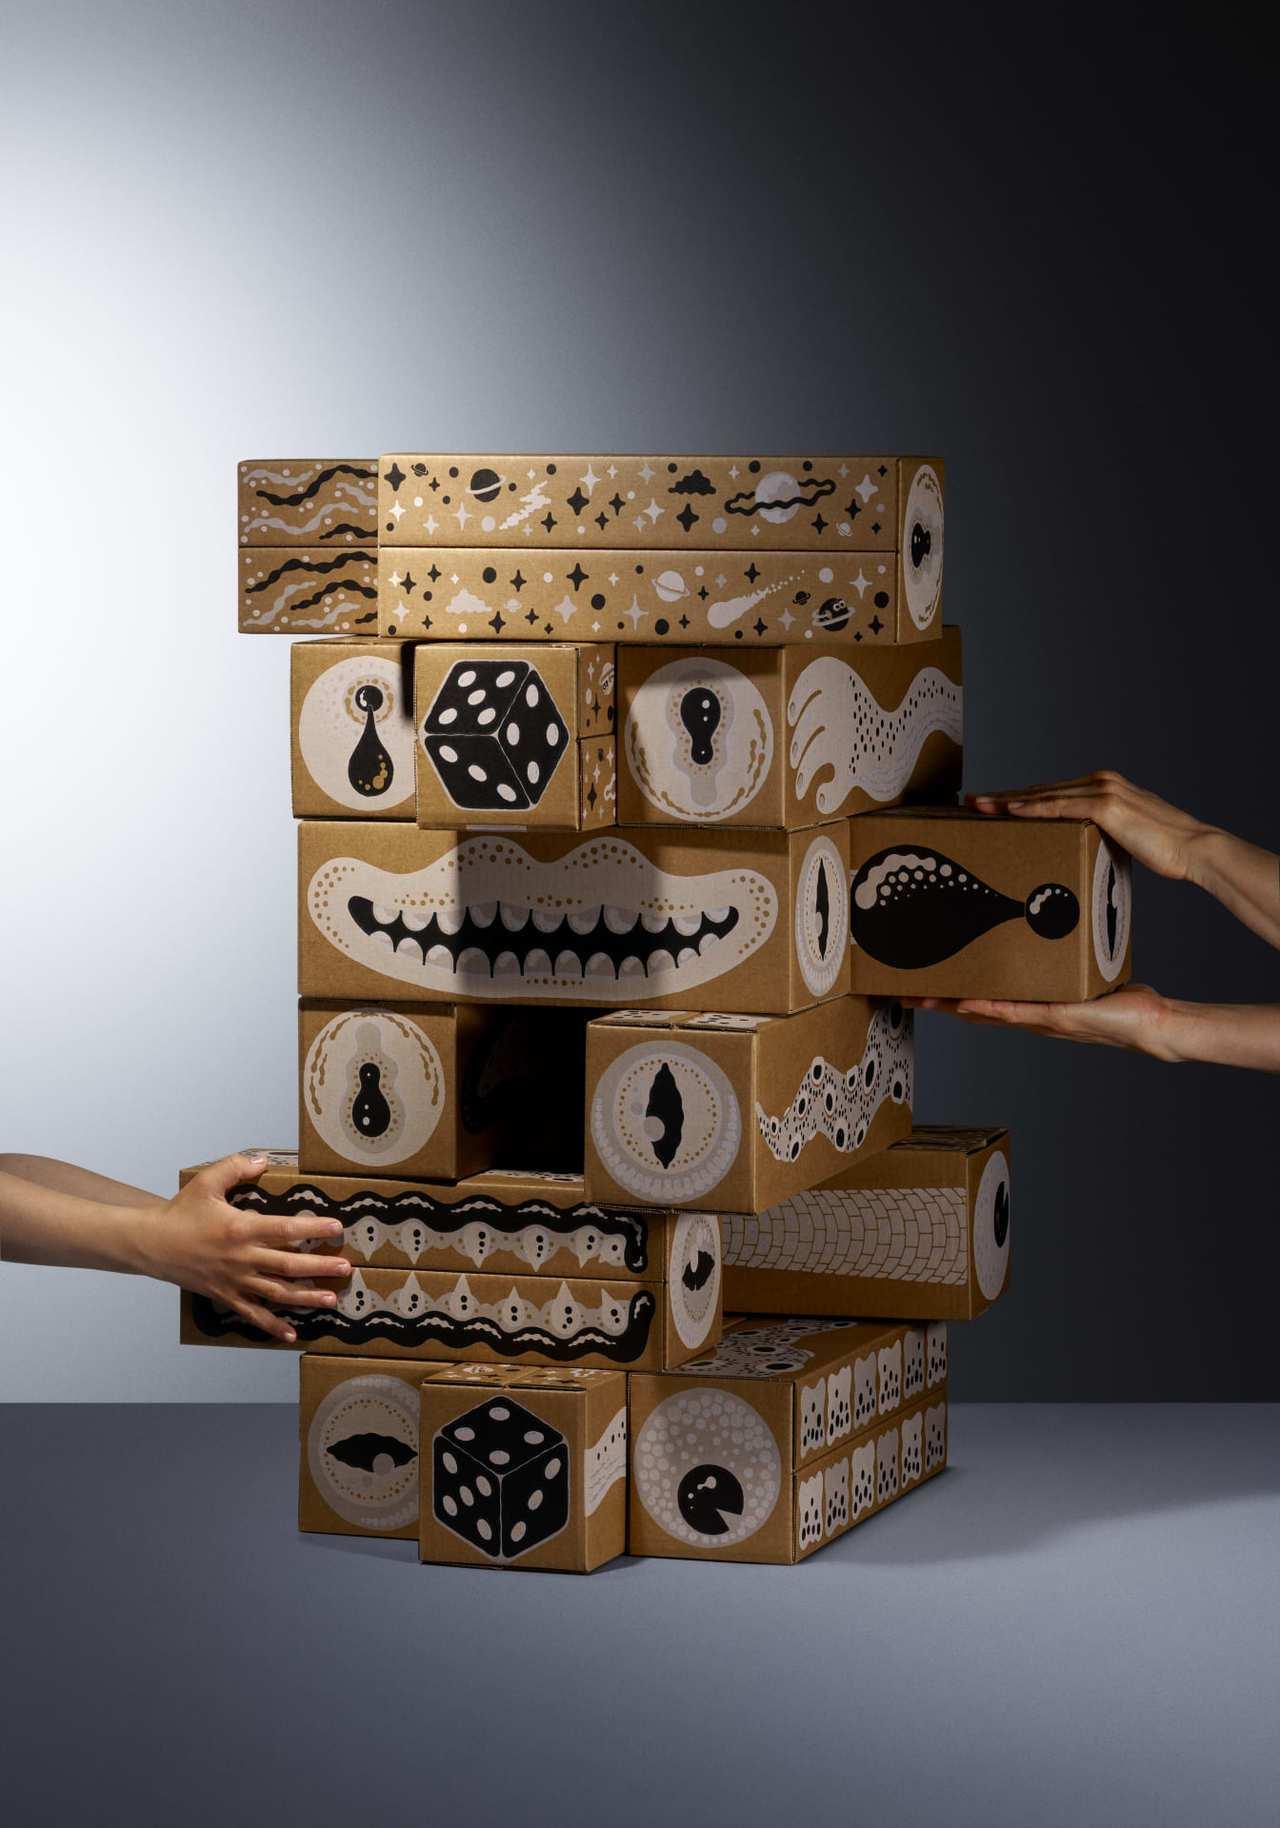 疊疊樂遊戲組利用24個吸睛的大型積木,可以堆疊出孩子最愛的堡壘,大人小孩也可以一...